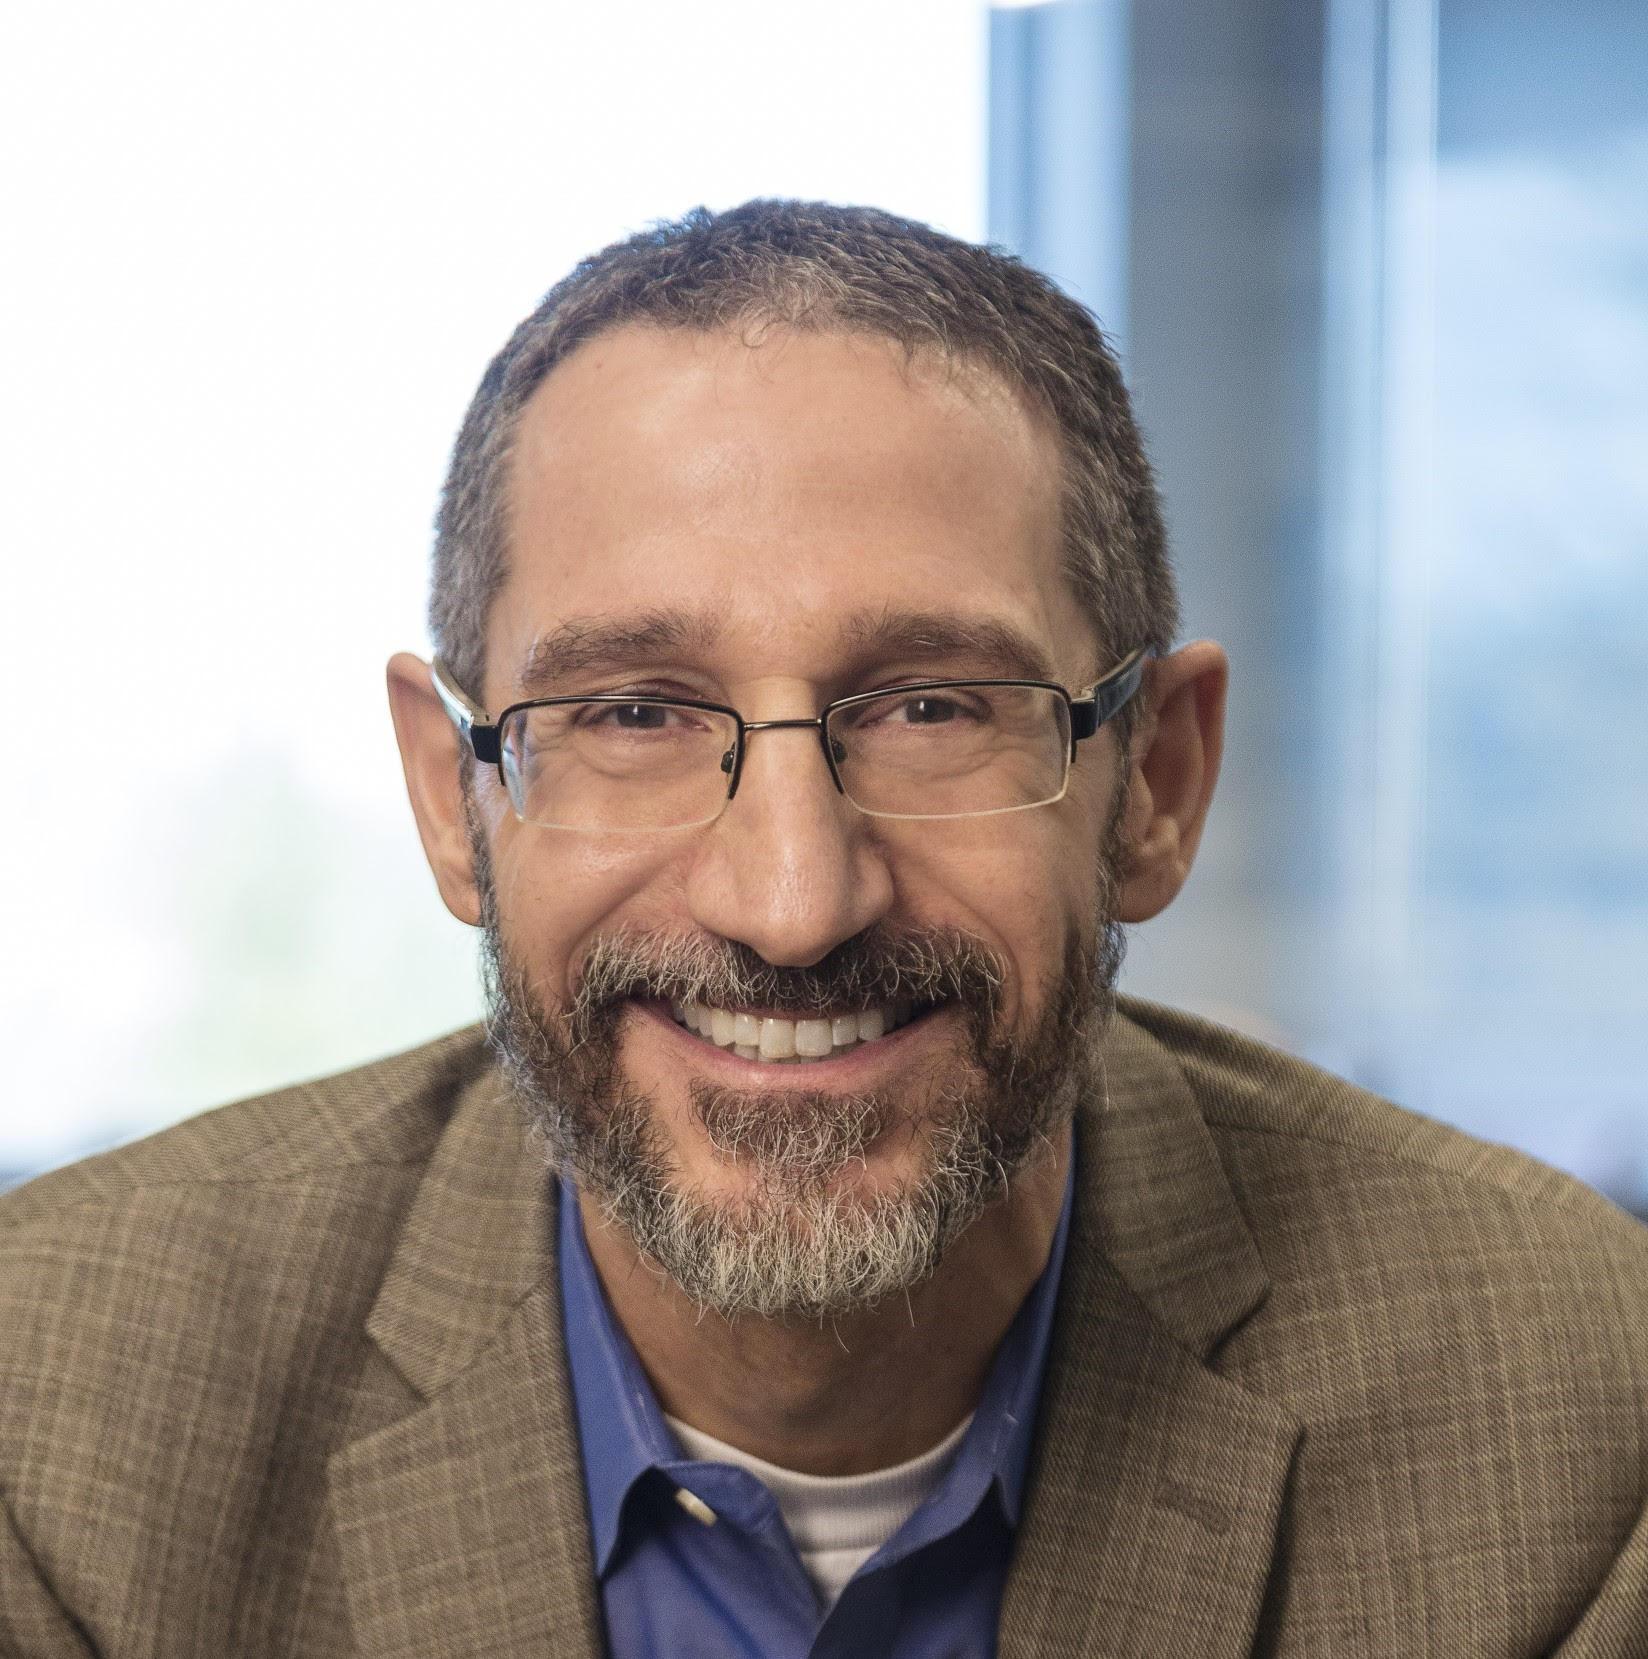 Jon Kaplan